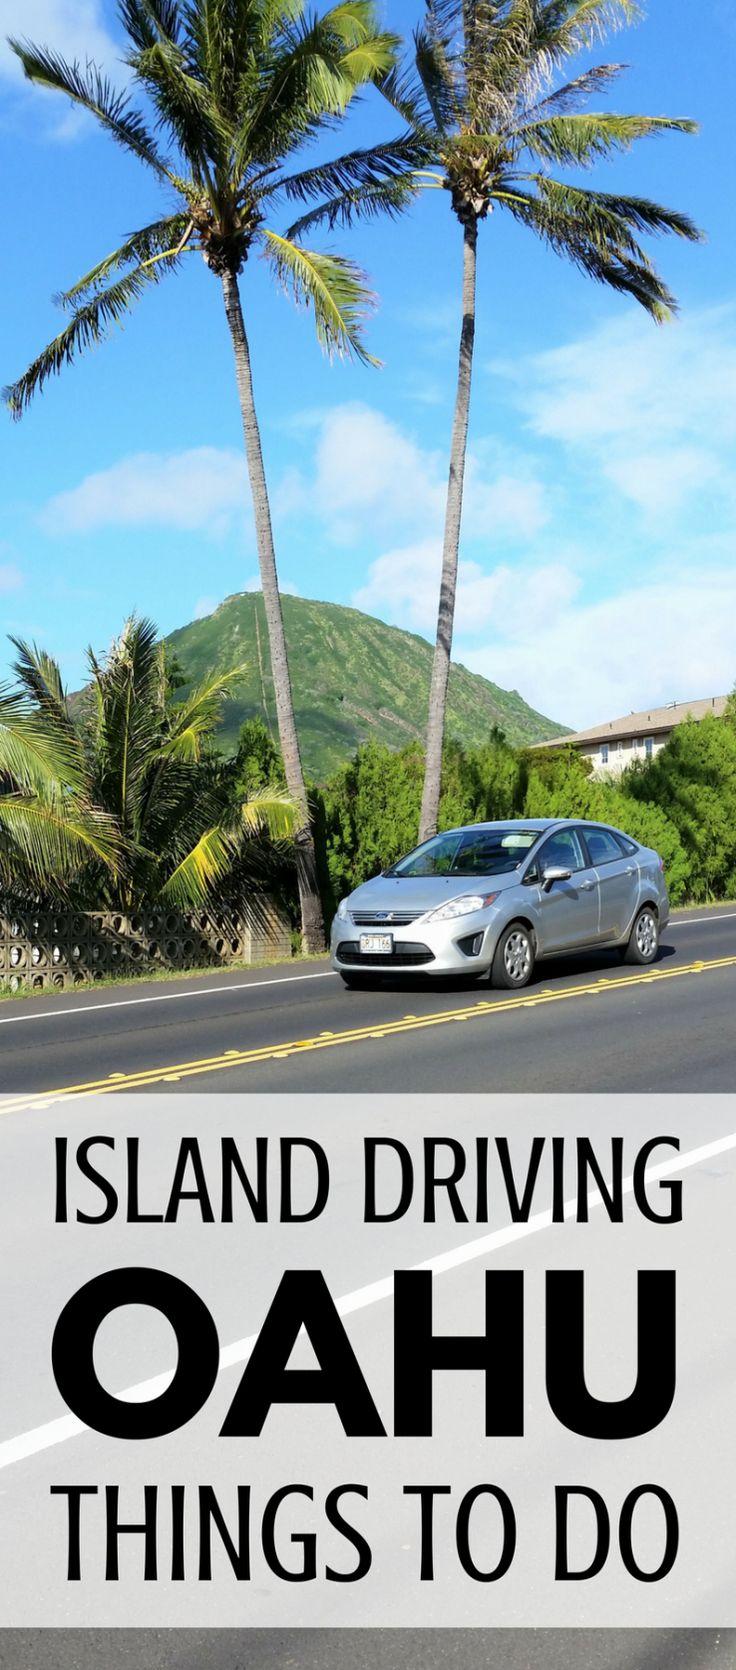 32 besten hawaii bilder auf pinterest landschaften hochzeitsreise und reisetipps. Black Bedroom Furniture Sets. Home Design Ideas